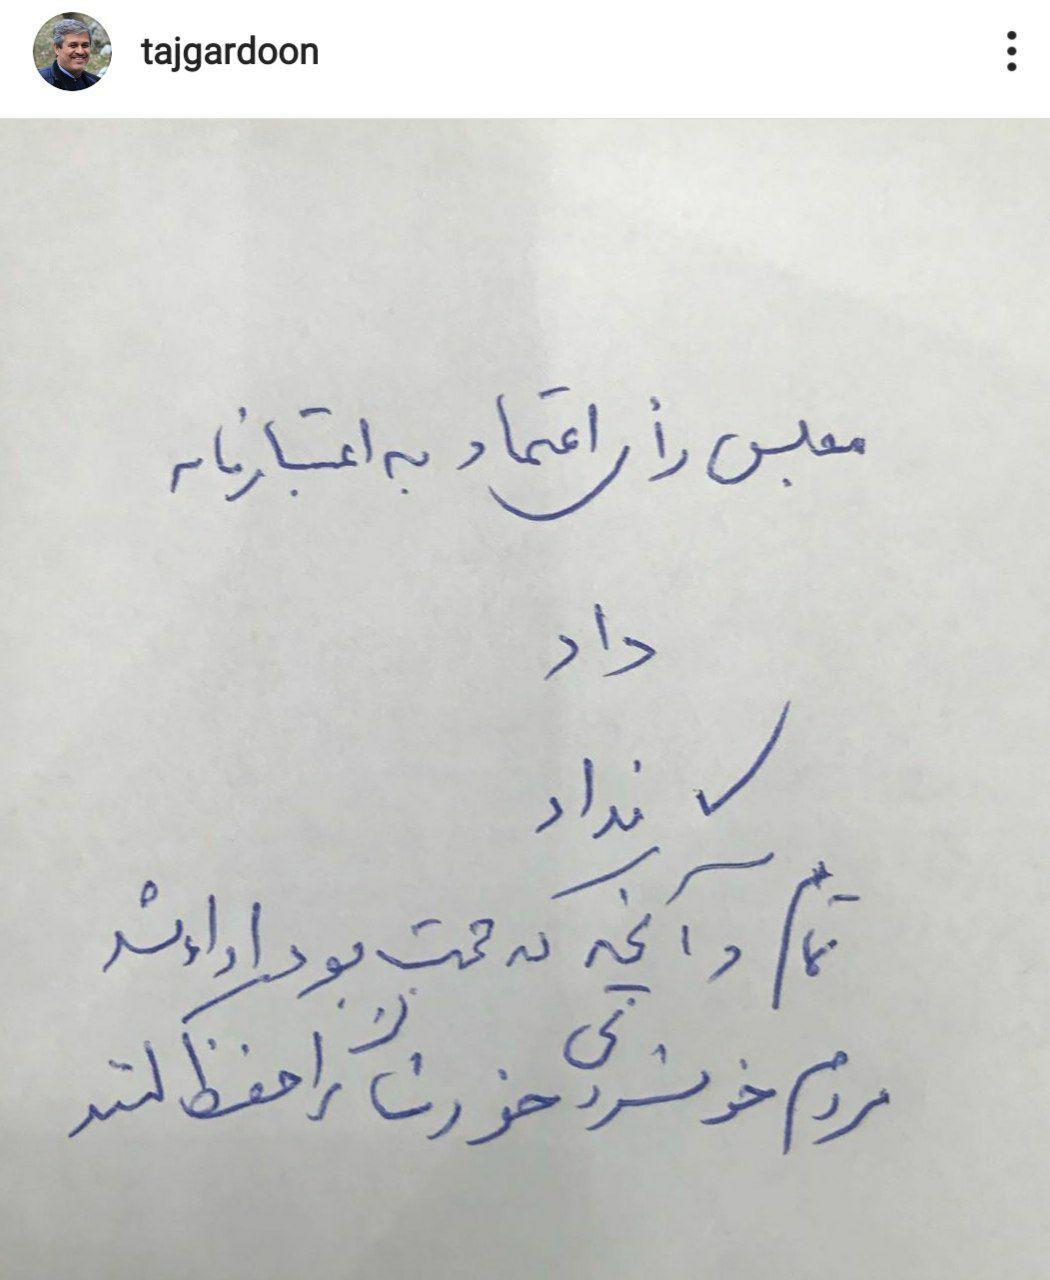 اولین واکنش صریح تاجگردون پس از رد شدن اعتبارنامهاش در مجلس + پست اینستاگرام